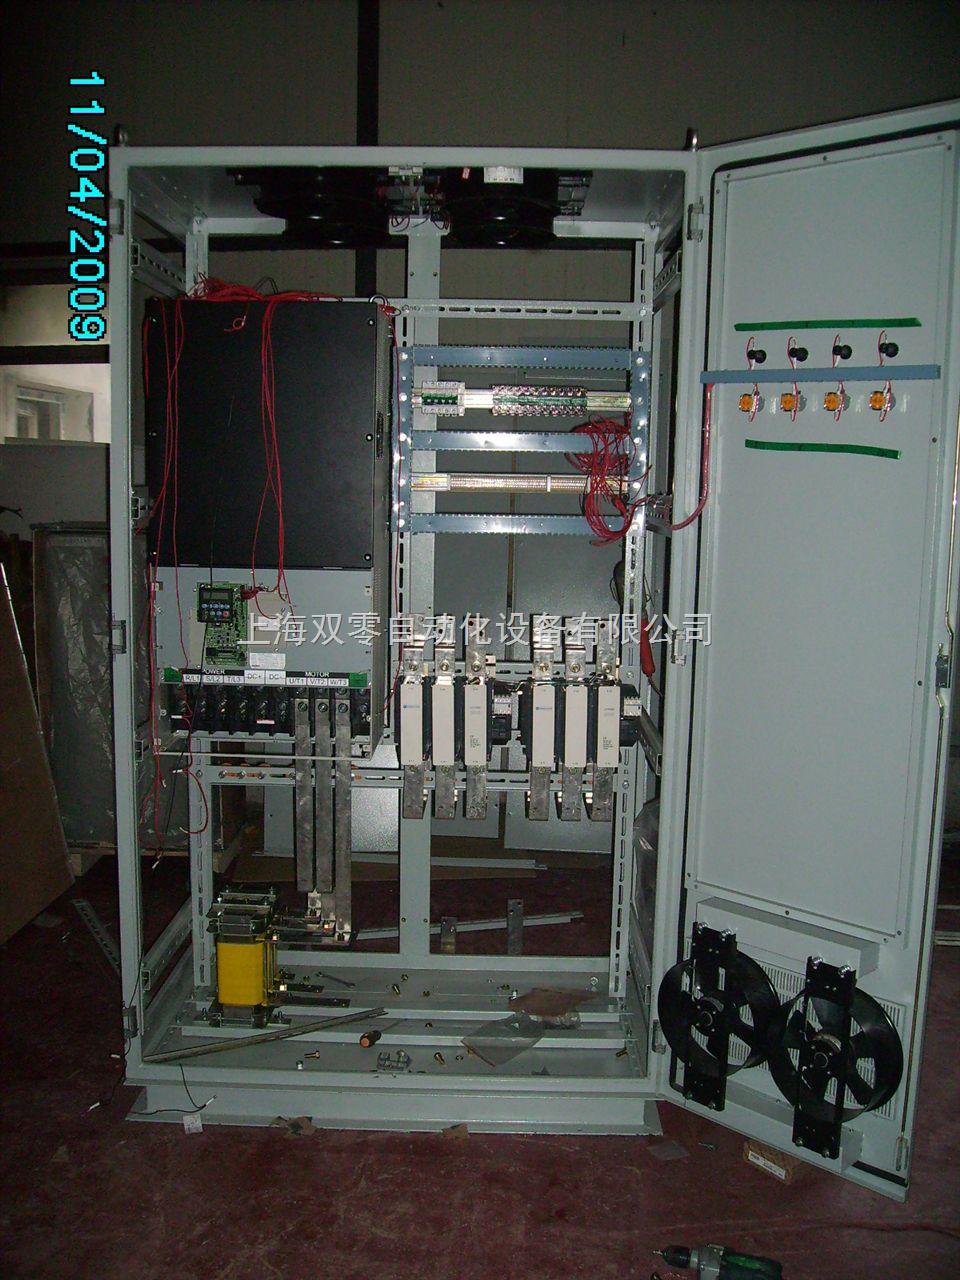 安川变频器维修/CIMR-F7B4220维修